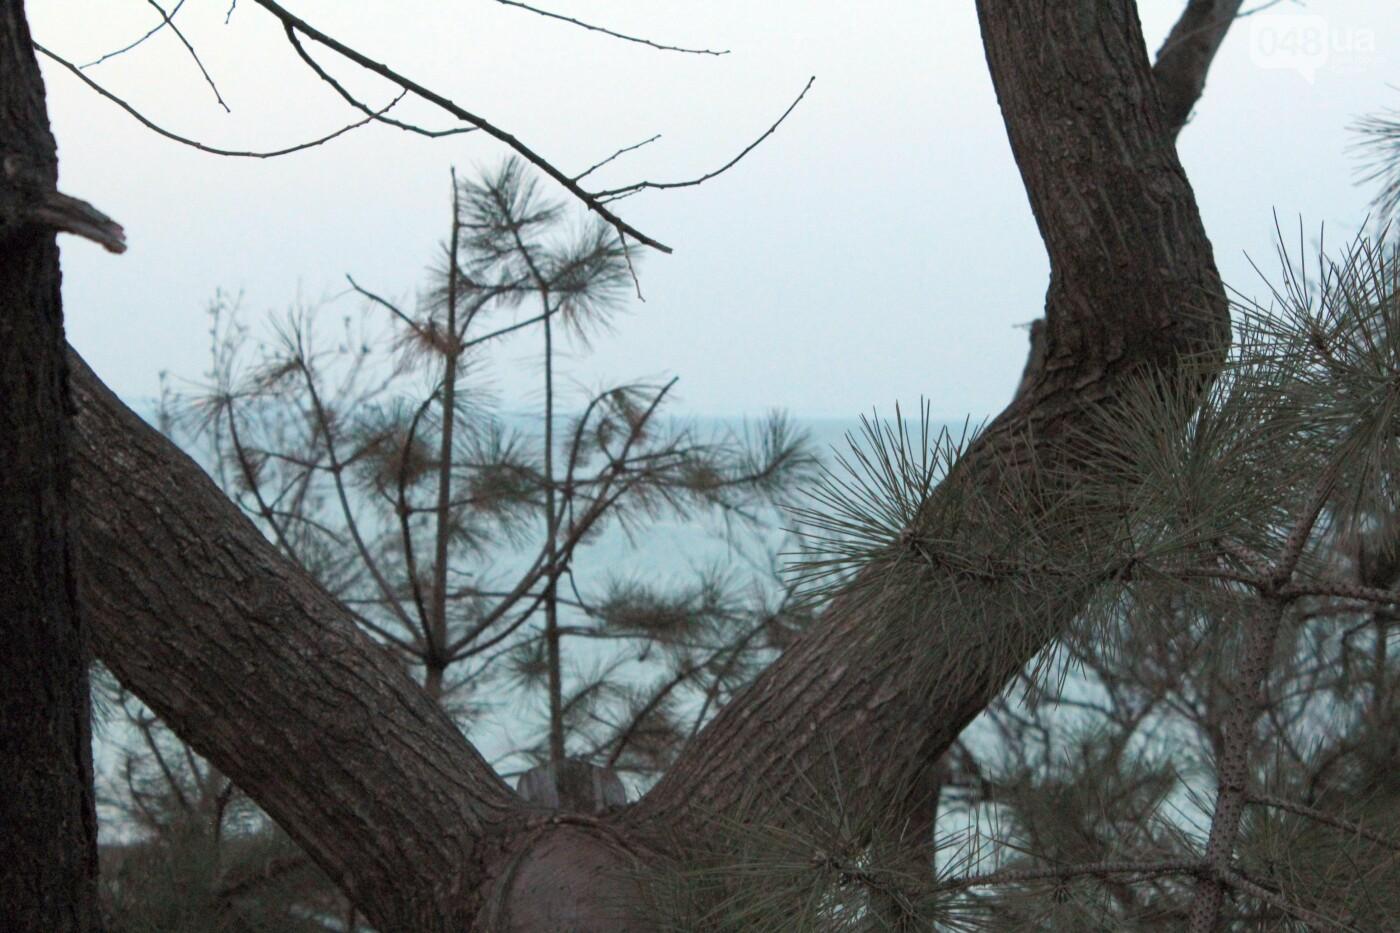 Апрель, Одесса, пляж: закат раскрасил море лазурными красками,- ФОТОПЯТНИЦА, фото-16